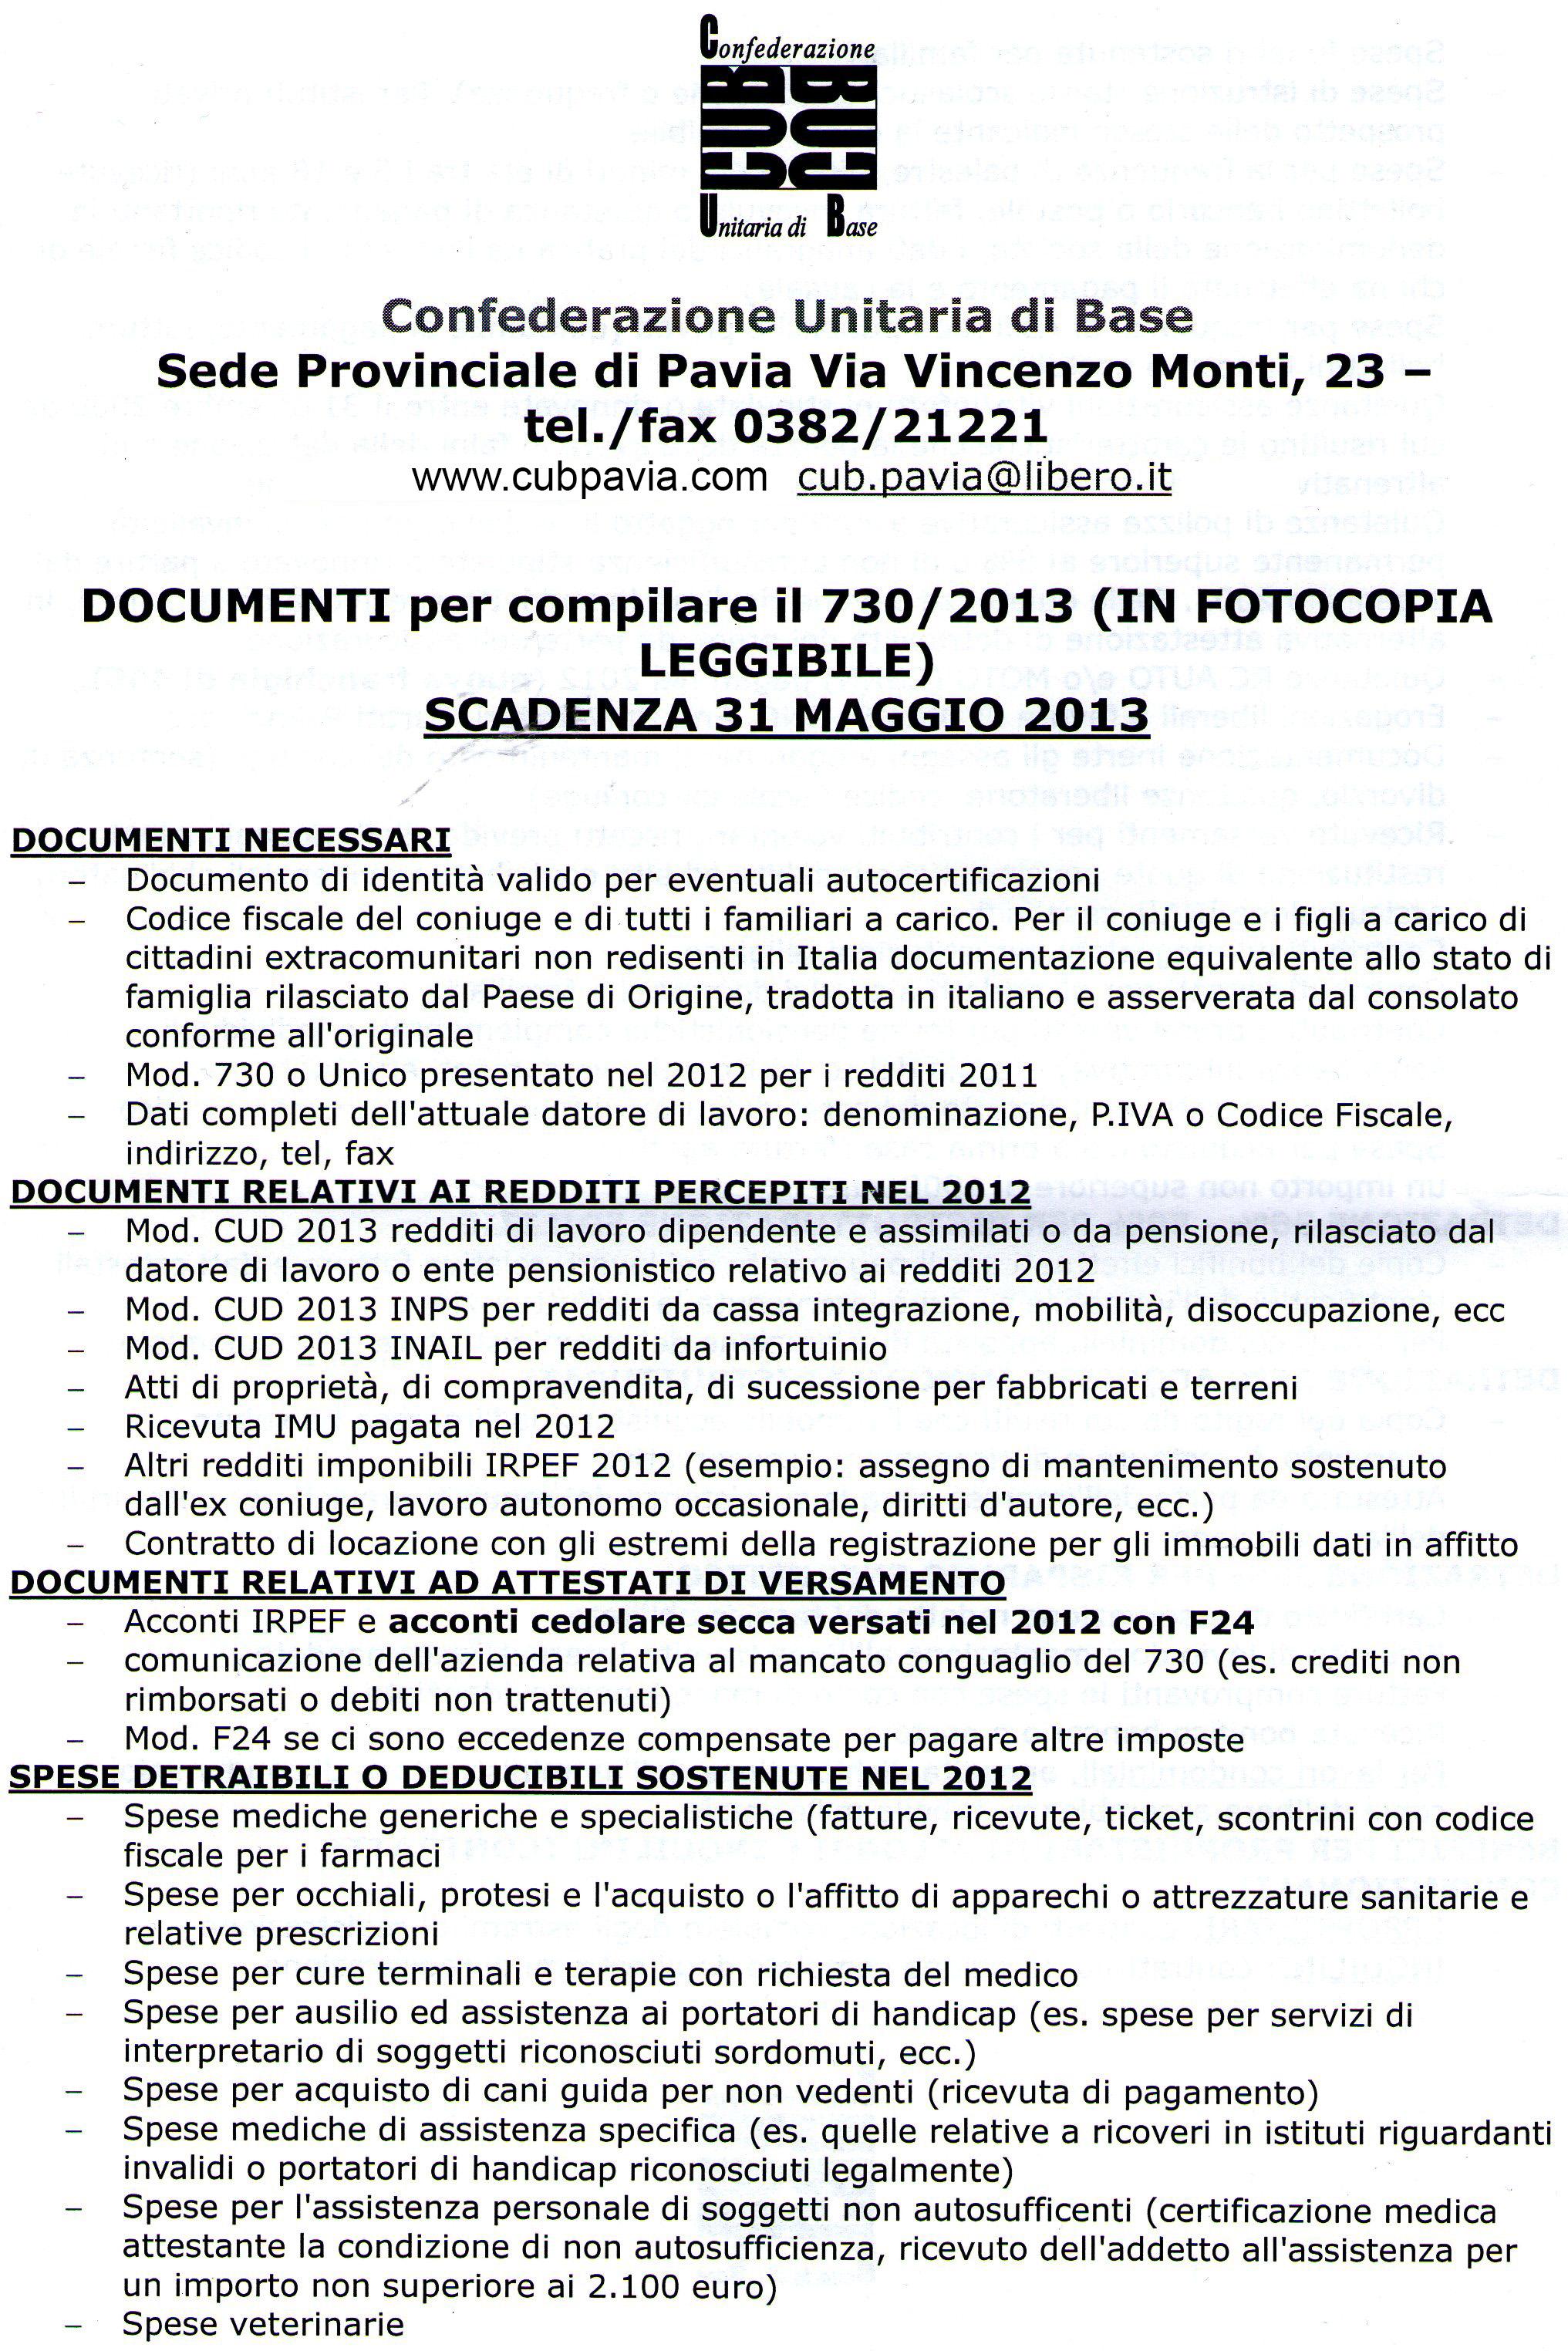 Quali documenti sono necessari per la dichiarazione 730 for Scadenza cud 2017